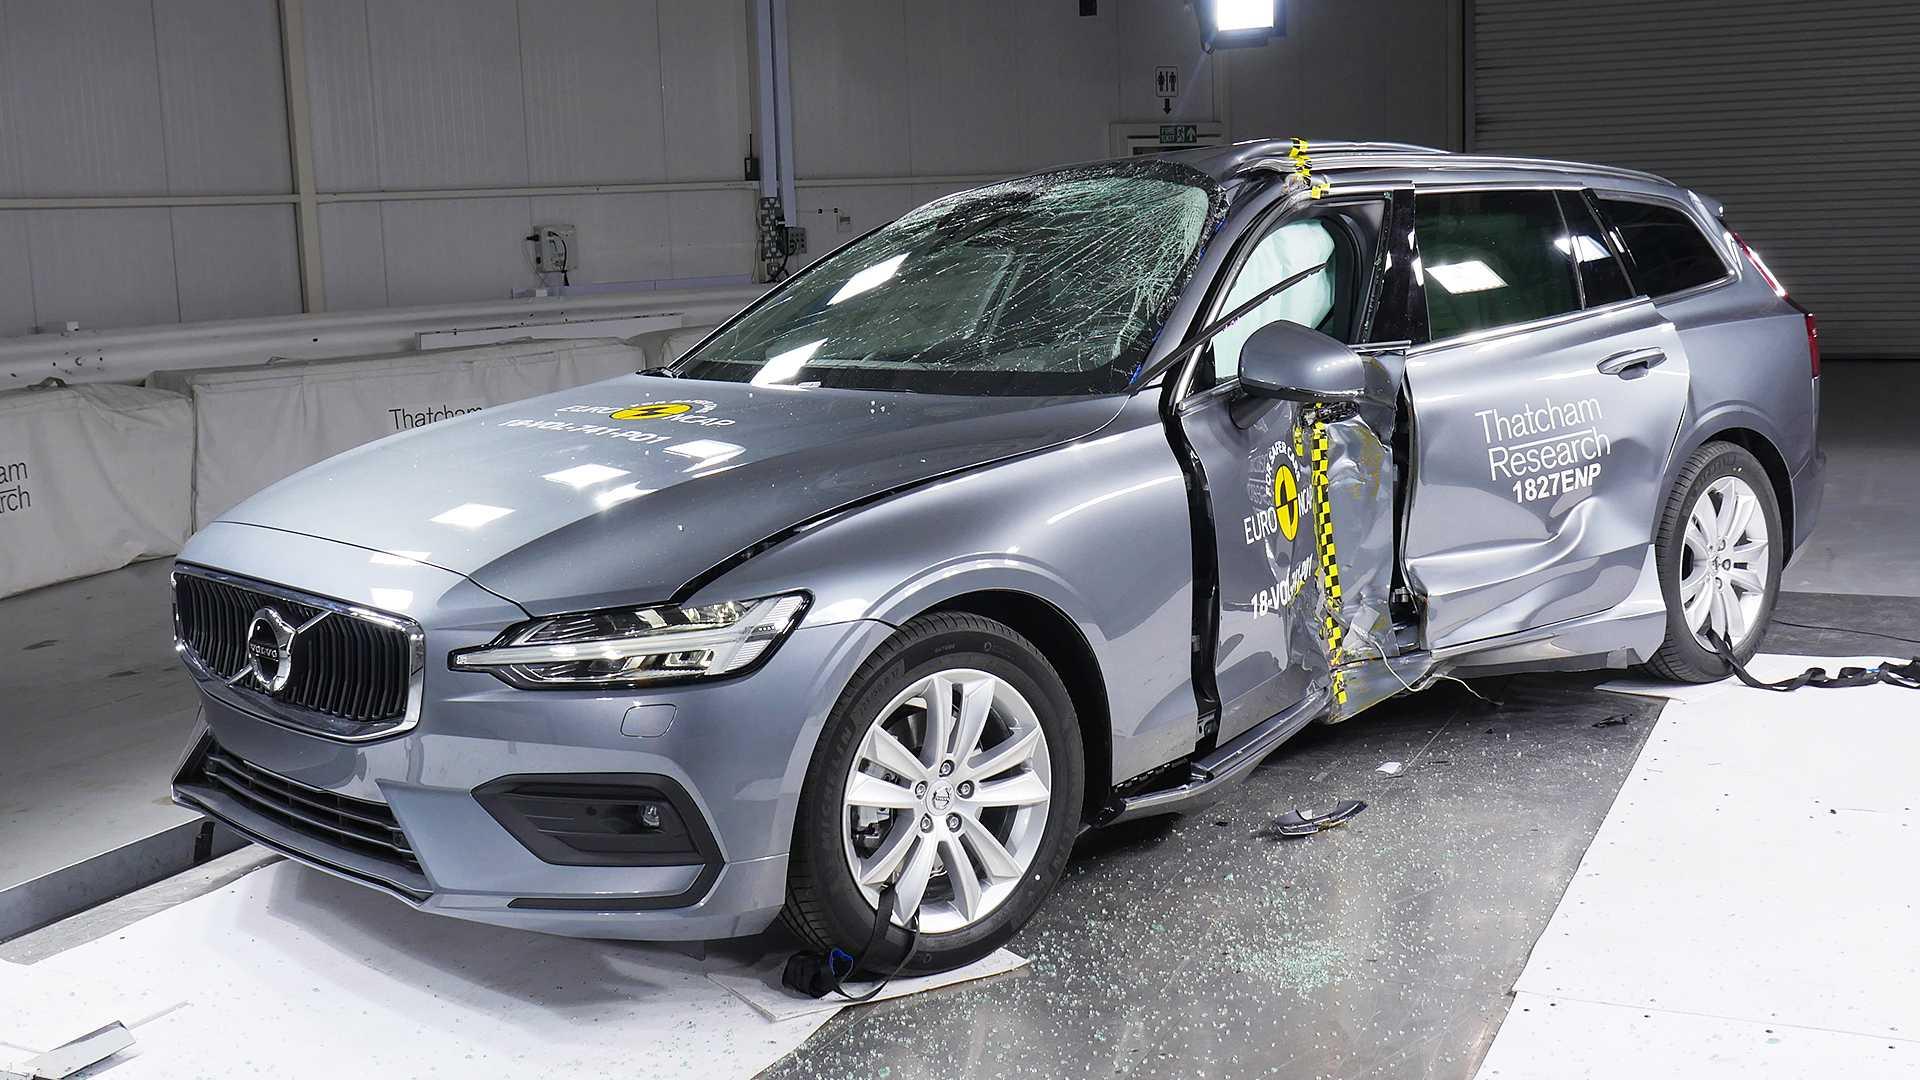 Audi Q3, Jaguar I-PACE, Peugeot 508, Volvo V60/S60, BMW X5, Hyundai Santa Fe, Jeep Wrangler, Fiat Panda 2018 Euro NCAP